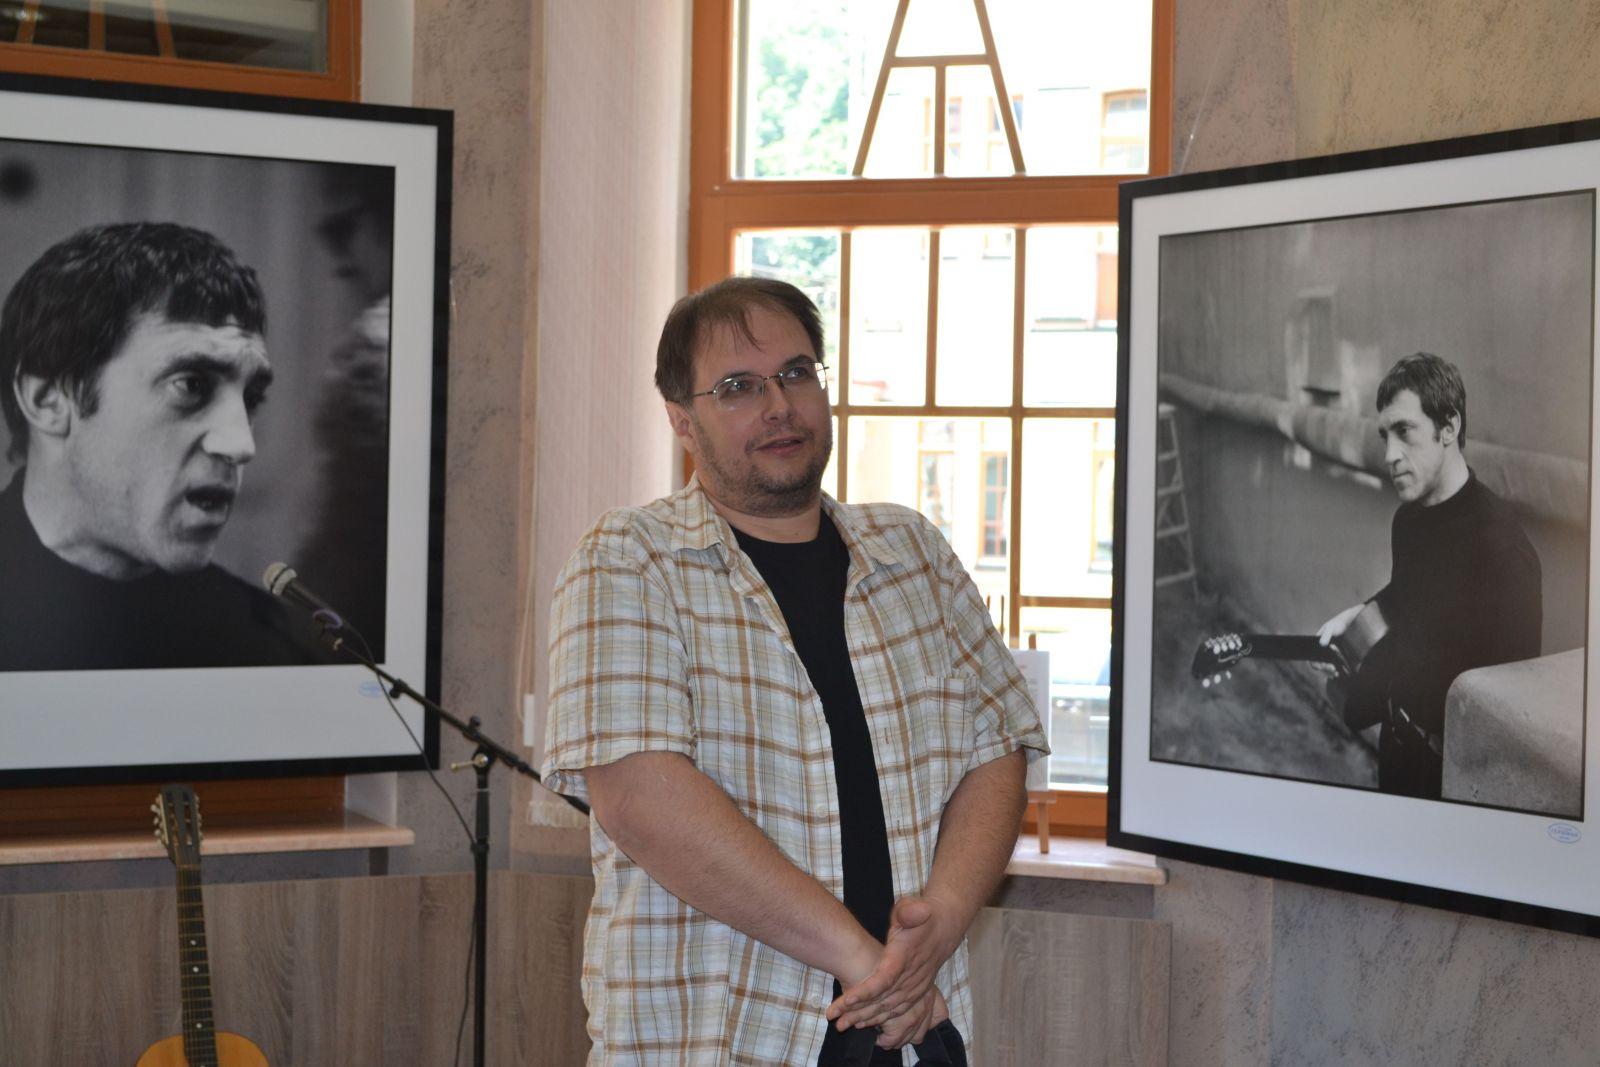 Эксклюзив на ХОЧУ: в Киеве открылся музей Владимира Высоцкого - фото №3